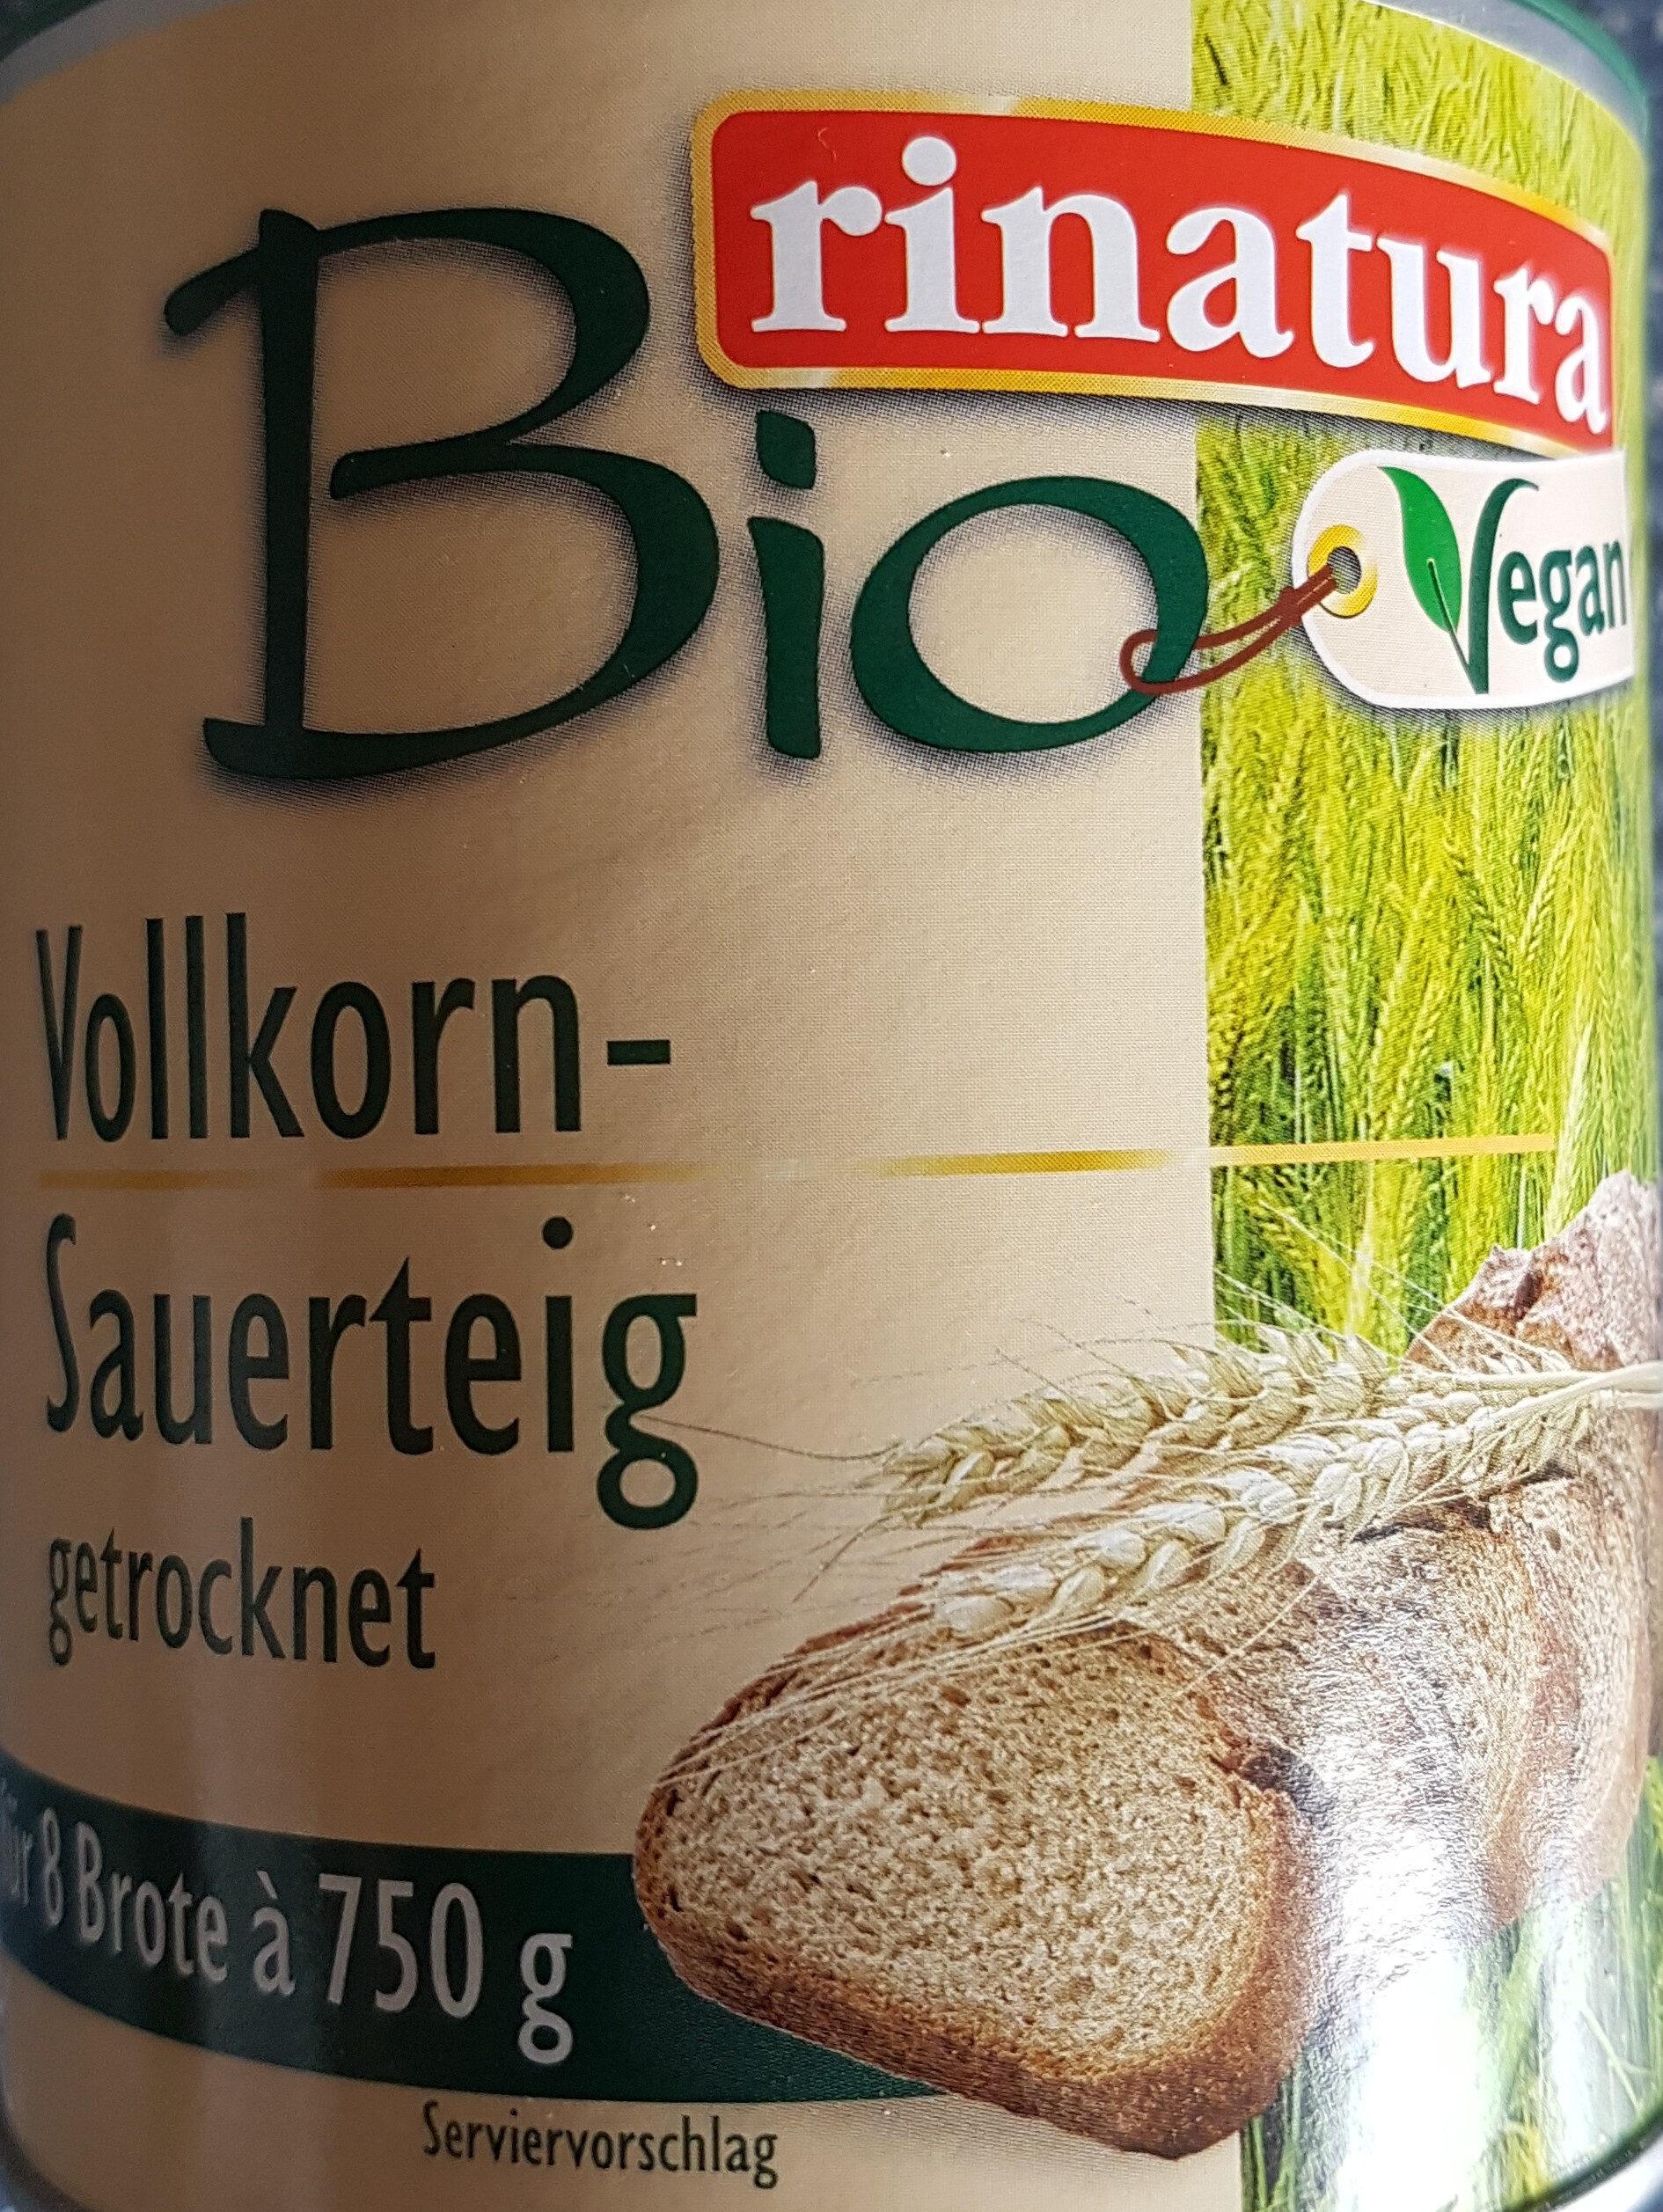 Vollkorn-Sauerteig - Levain complet - Product - de